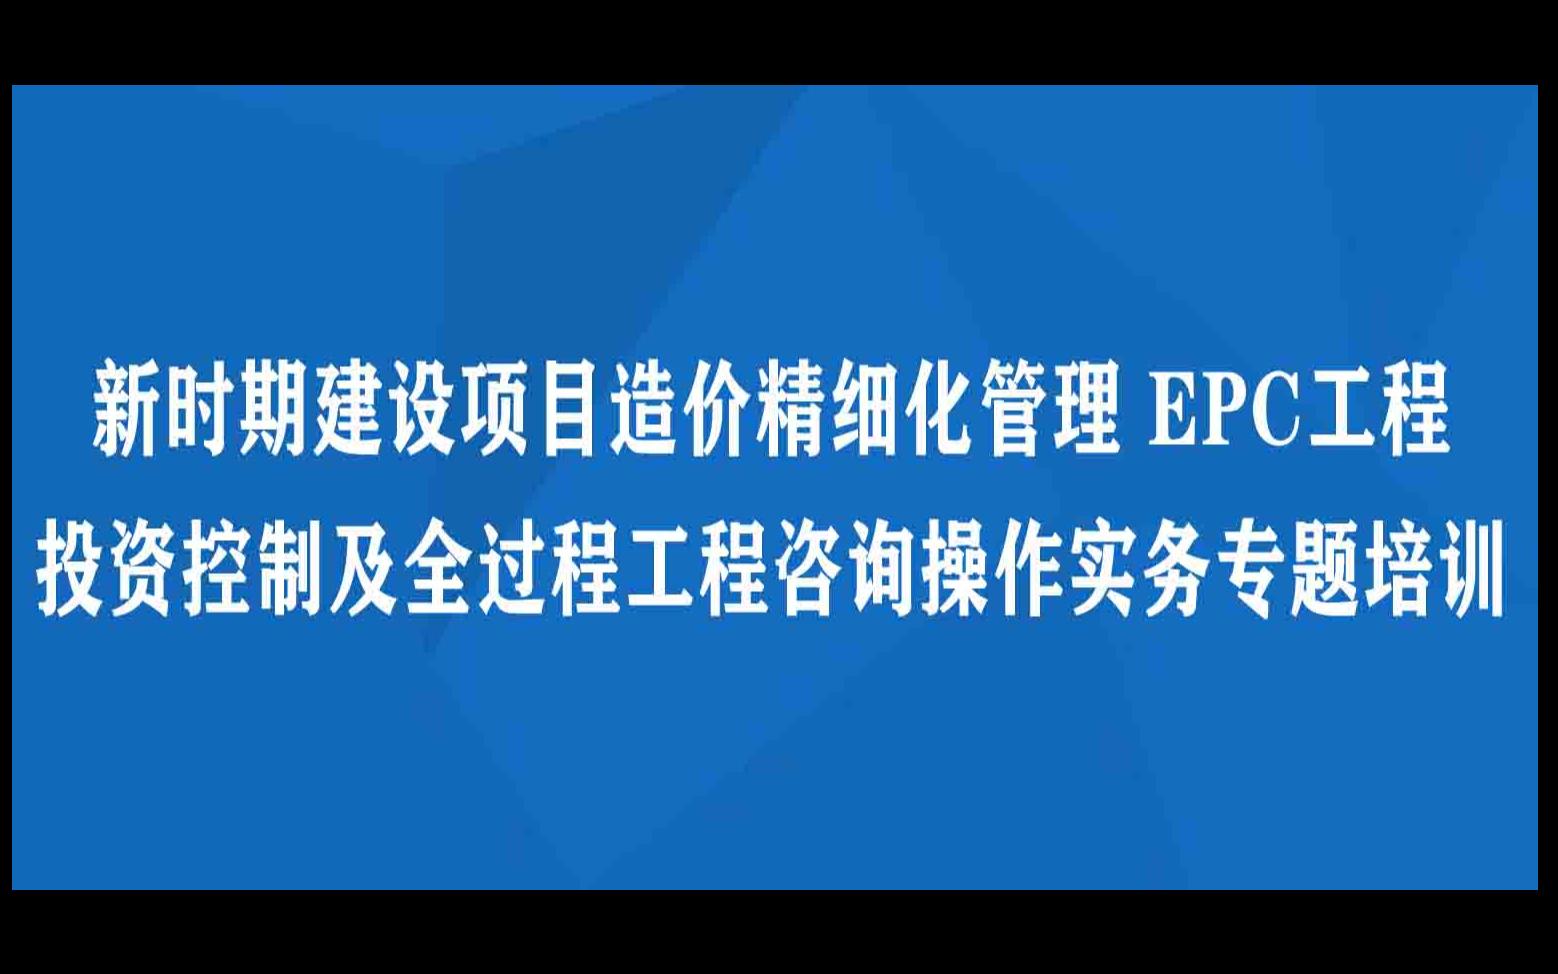 成都10月新时期建设项目造价精细化管理 EPC工程 投资控制及全过程工程咨询操作实务专题培训